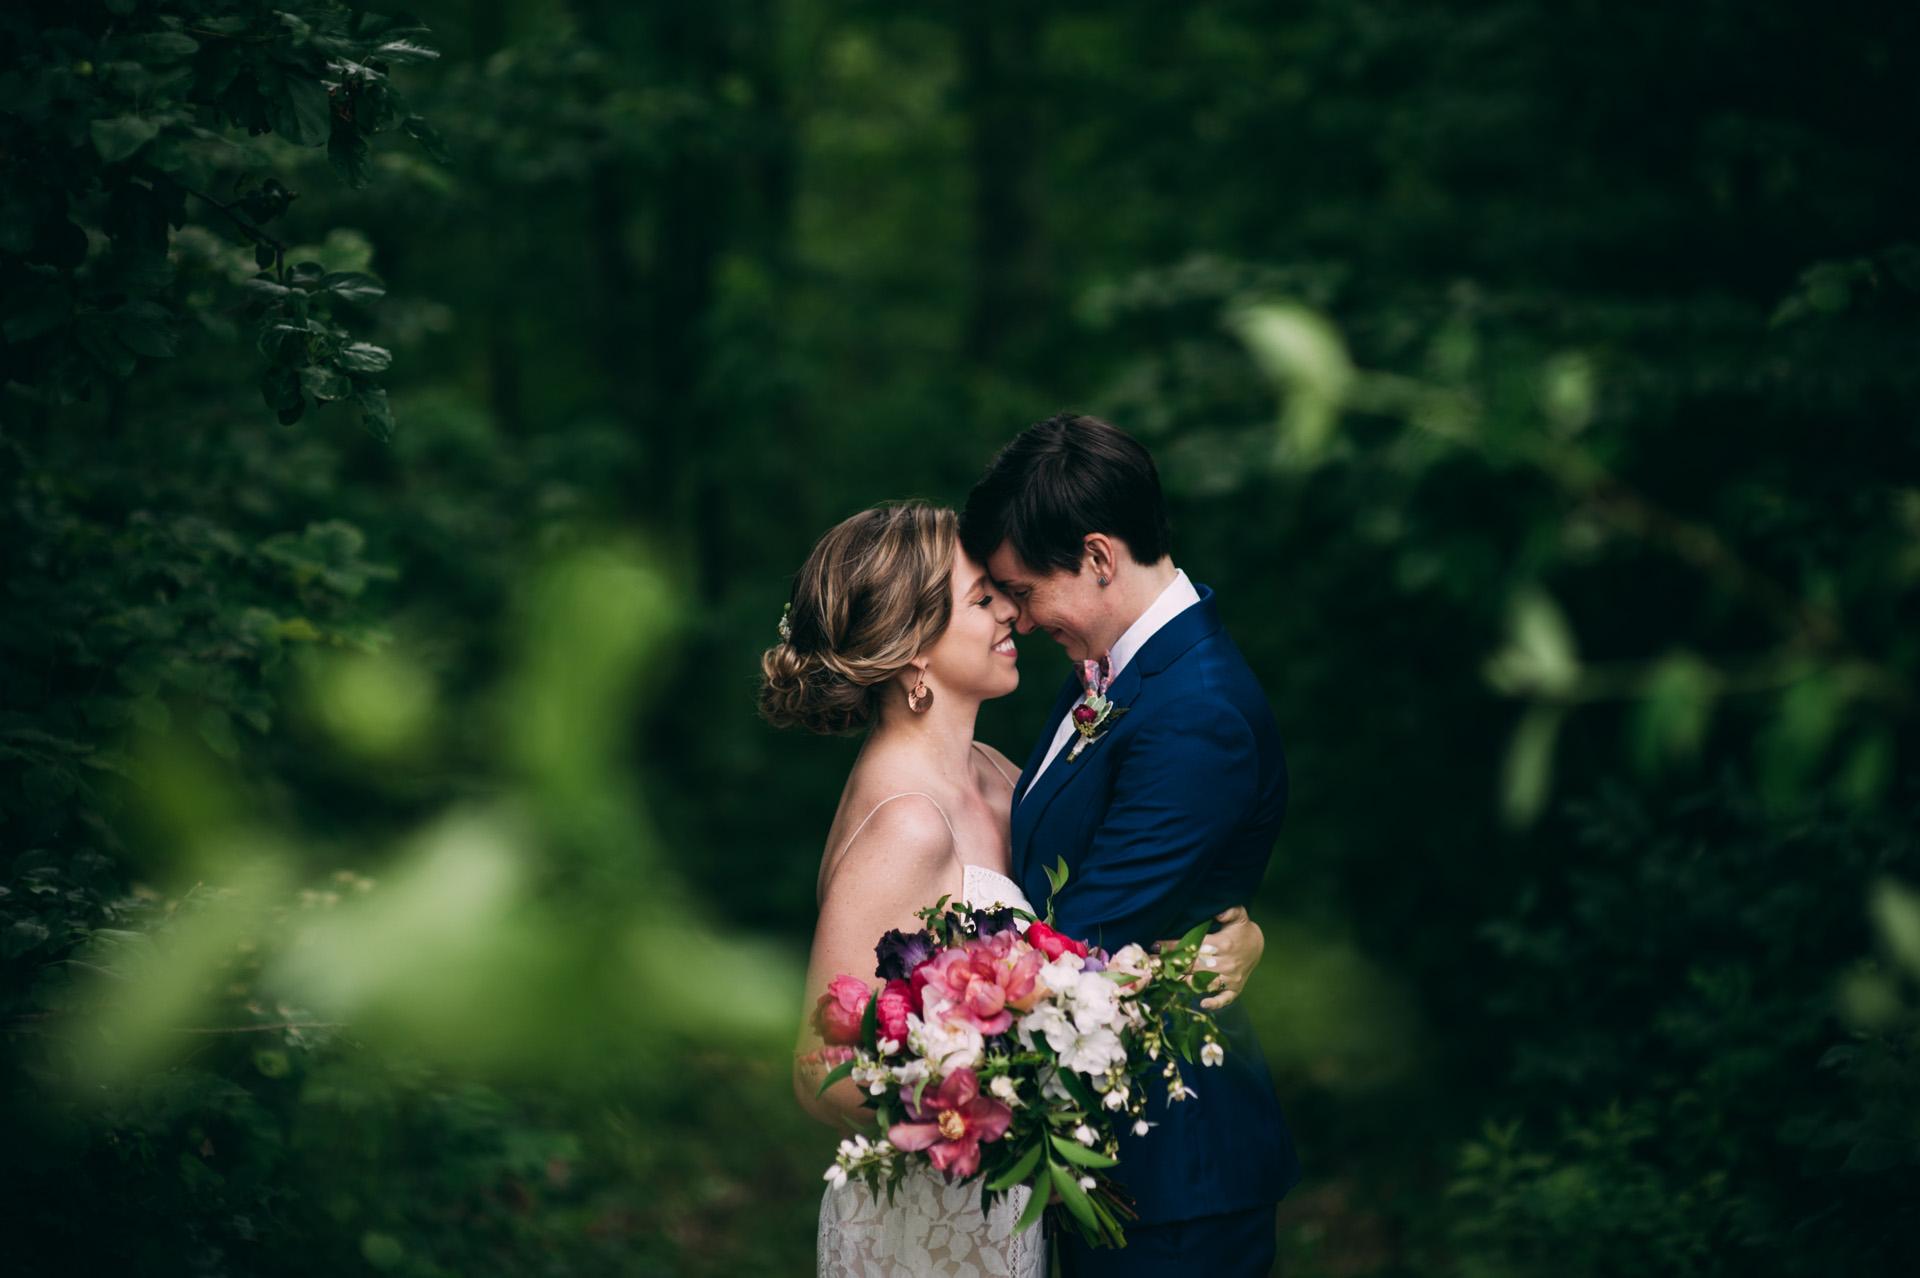 broadturn-farm-wedding-20